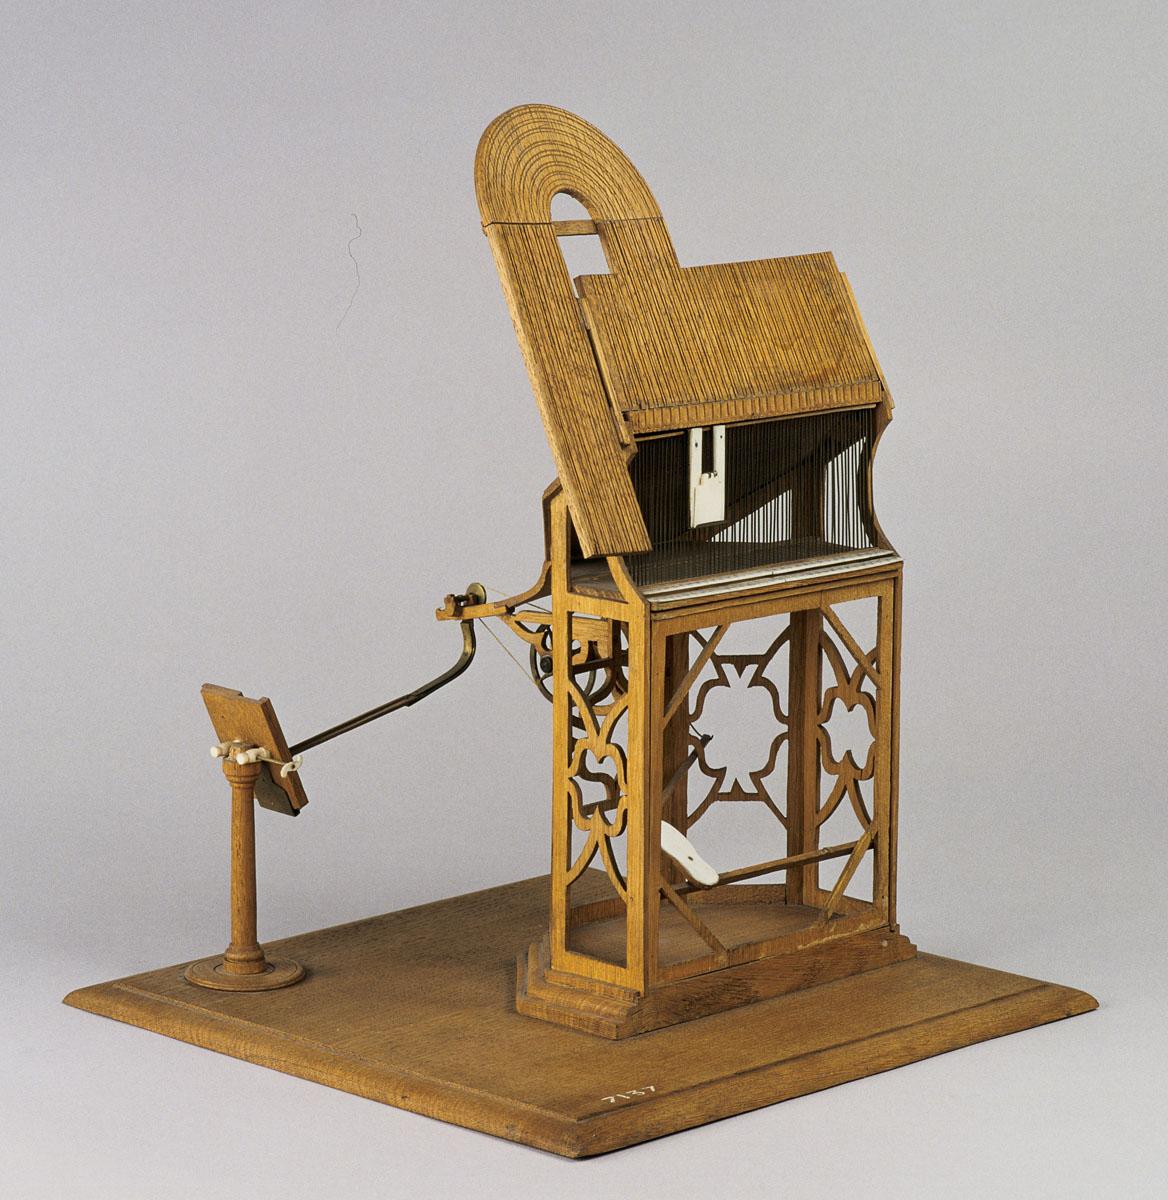 Maquette du pianotype ou machine à composer (image)